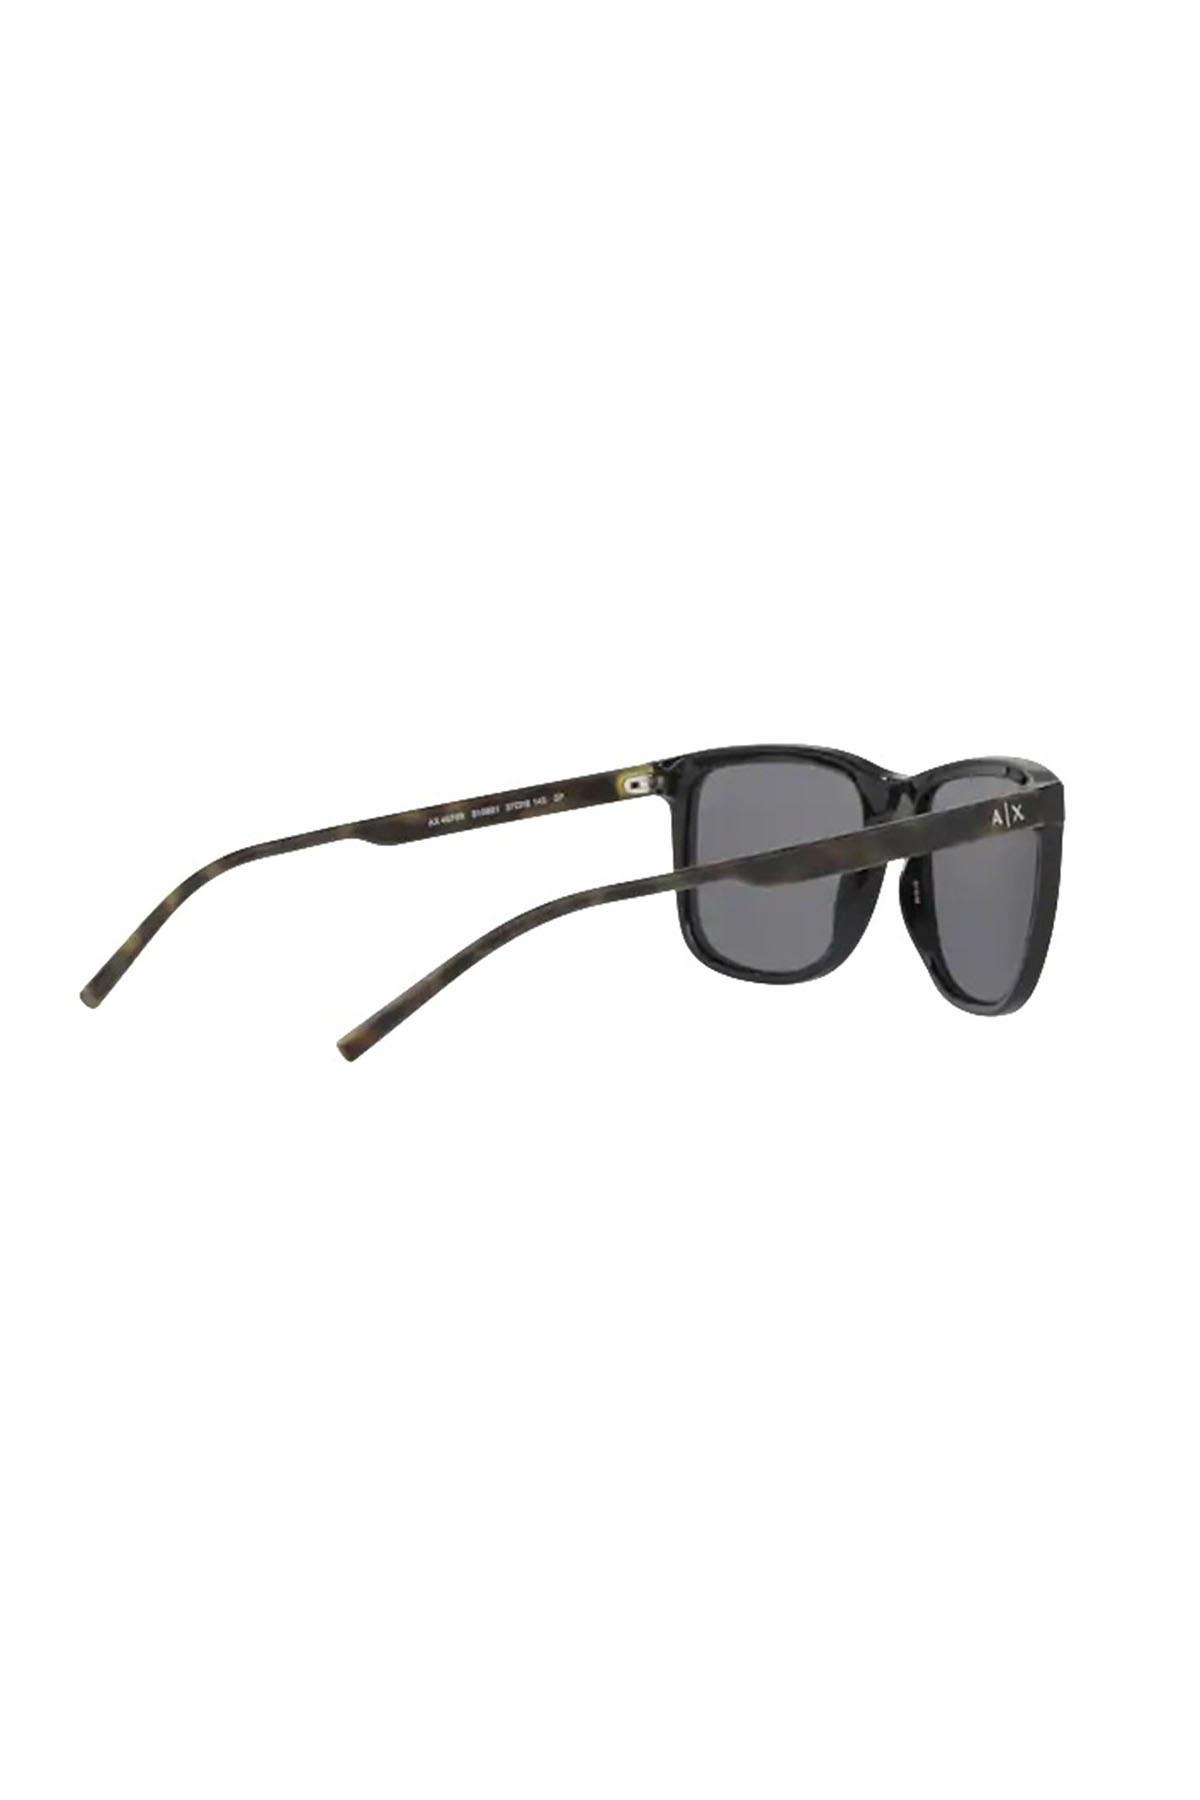 Armani Exchange Erkek Gözlük 0AX4070S 815881 57 SİYAH